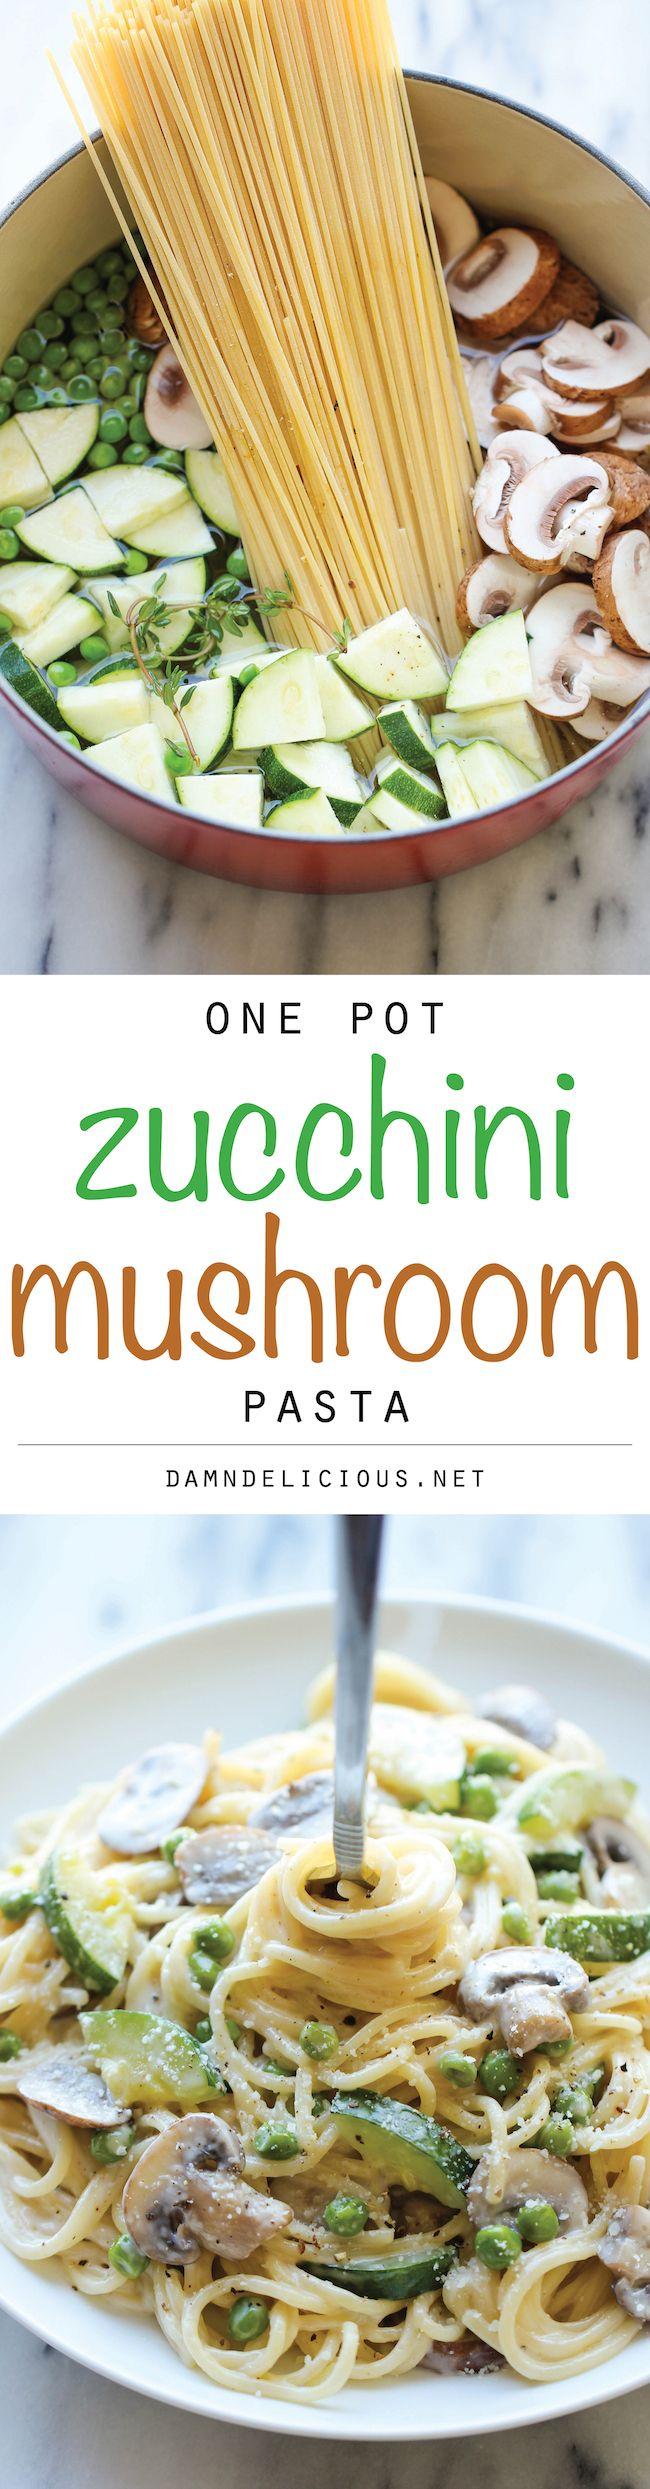 Uno Pot calabacín Mushroom Pasta - Un cremoso, delicioso plato de pasta que se puede hacer en tan sólo 20 min. Incluso la pasta se cocina en la olla!